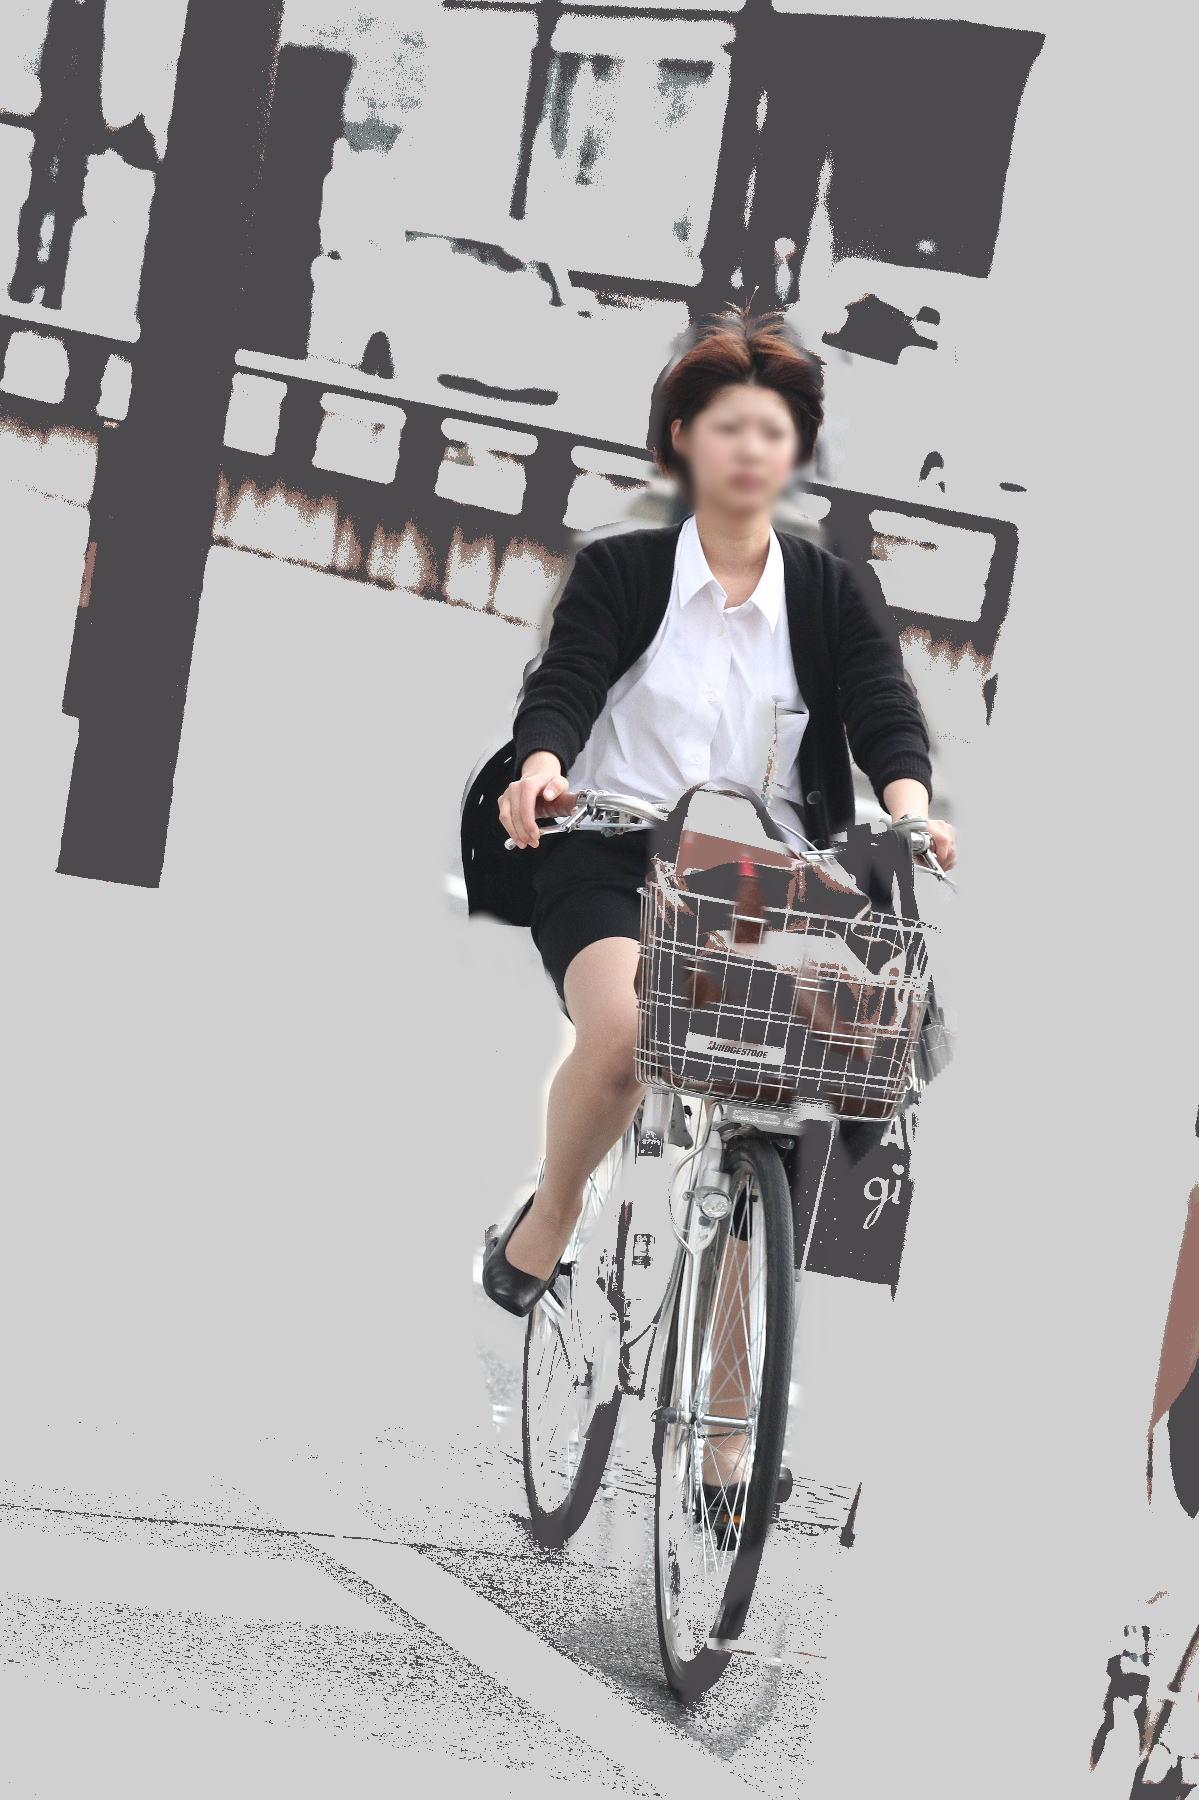 私服の素人OL達の自転車パンチラ街撮り盗撮エロ画像6枚目